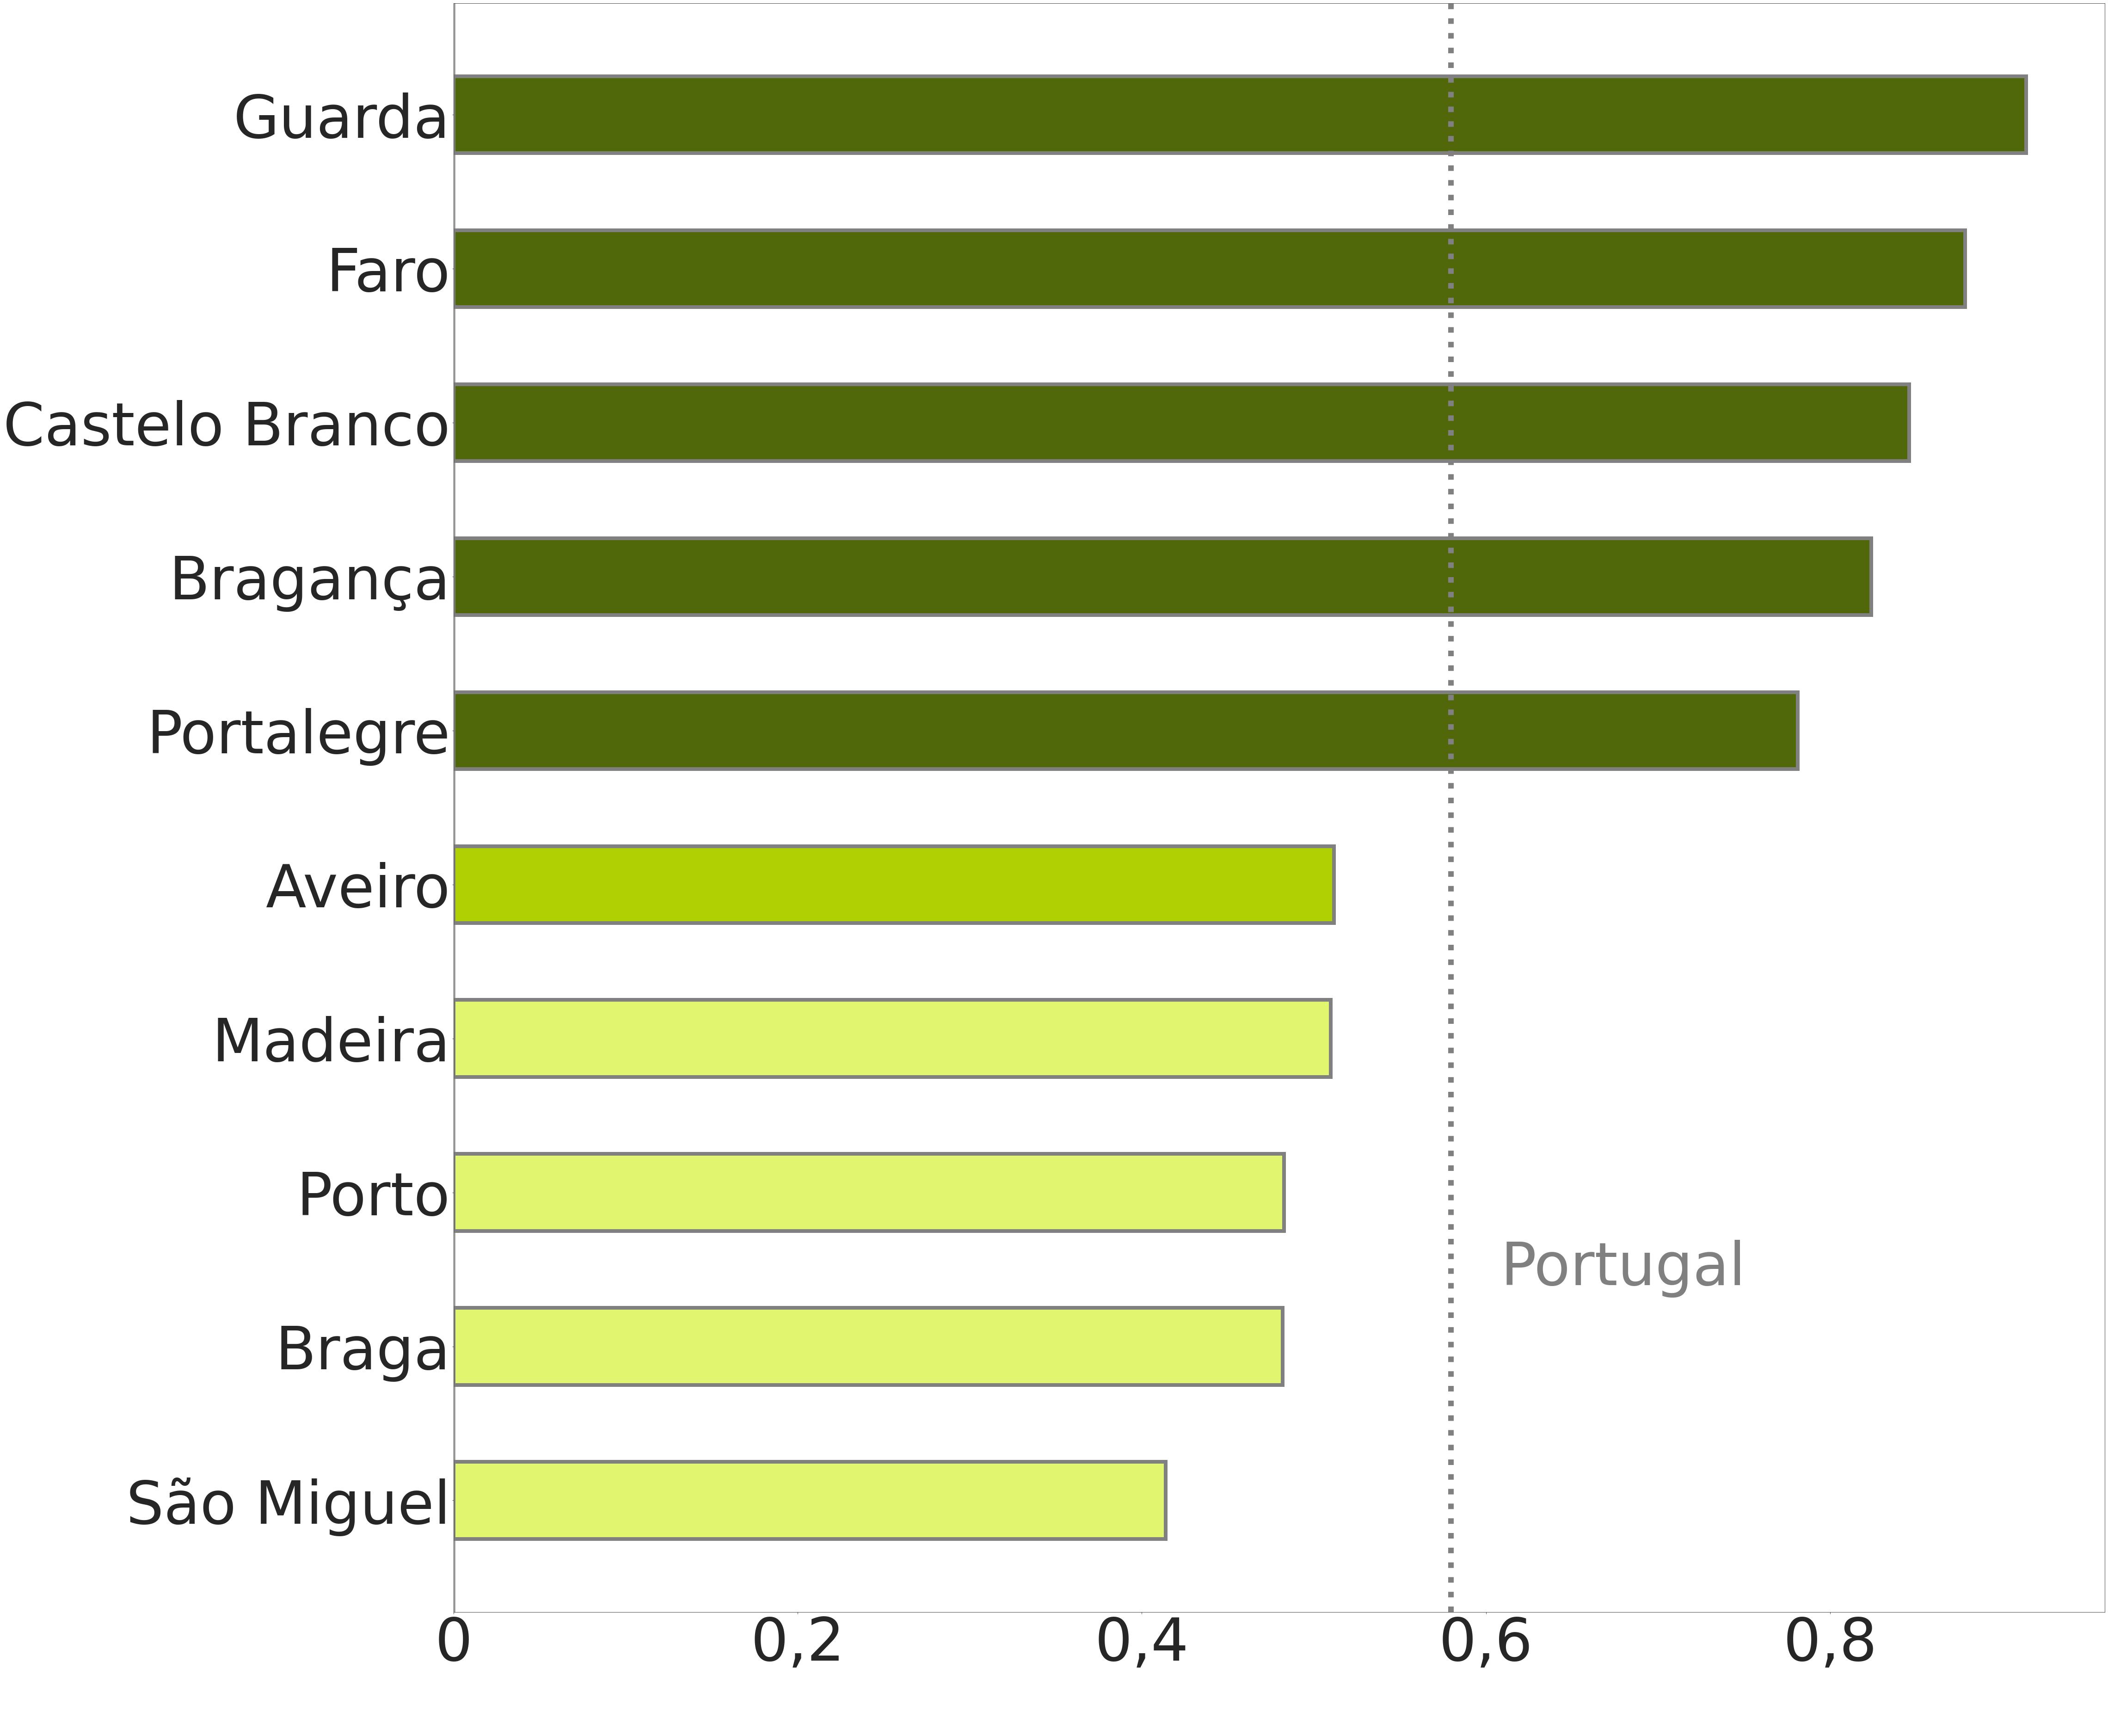 Os distritos com maior e menor número de imóveis residenciais per capita / Fonte: INE